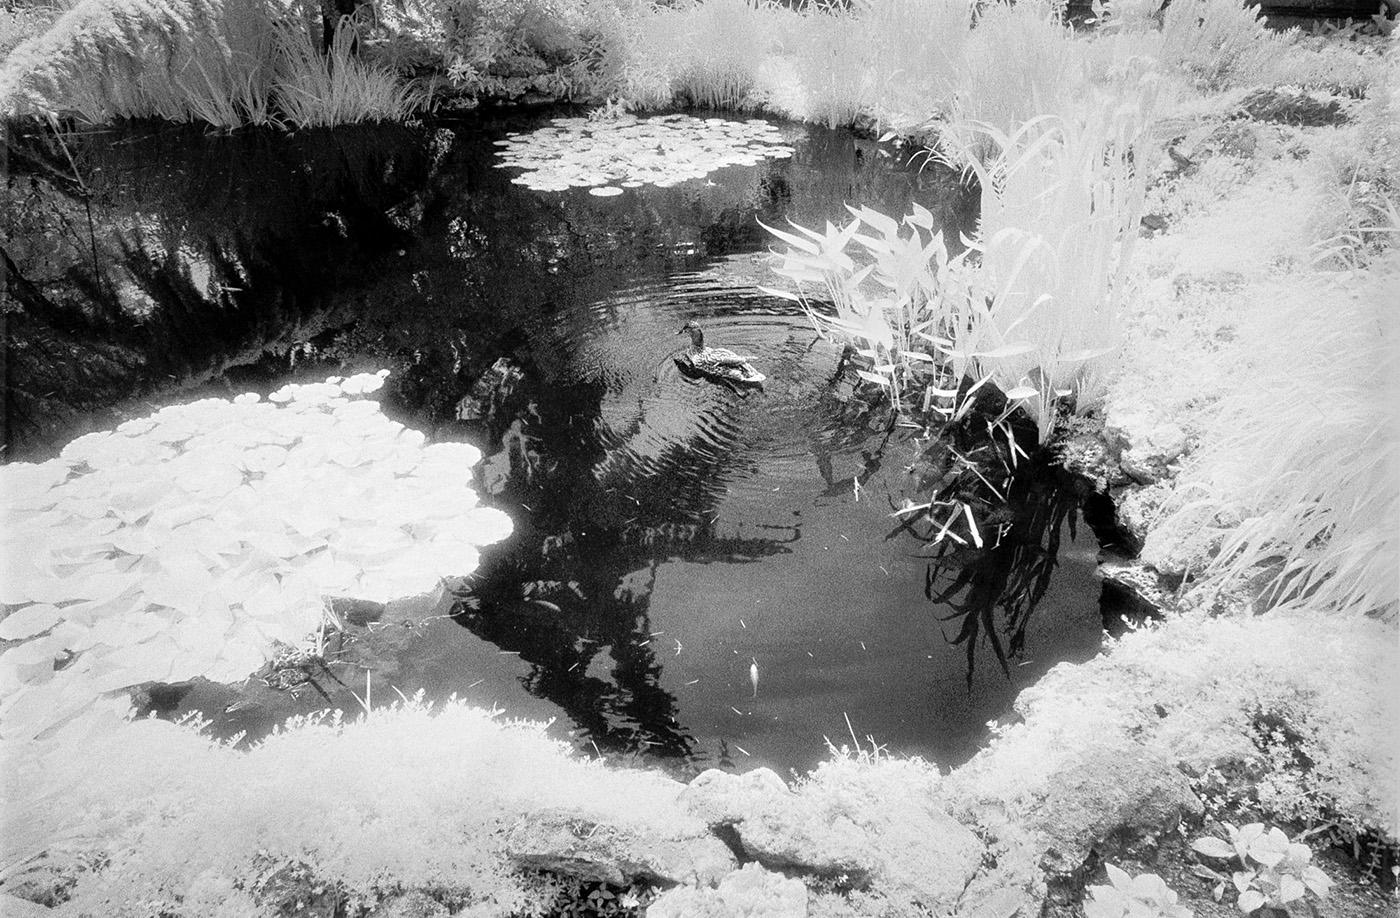 Duck in Pond, United States Botanic Garden, Washington, DC